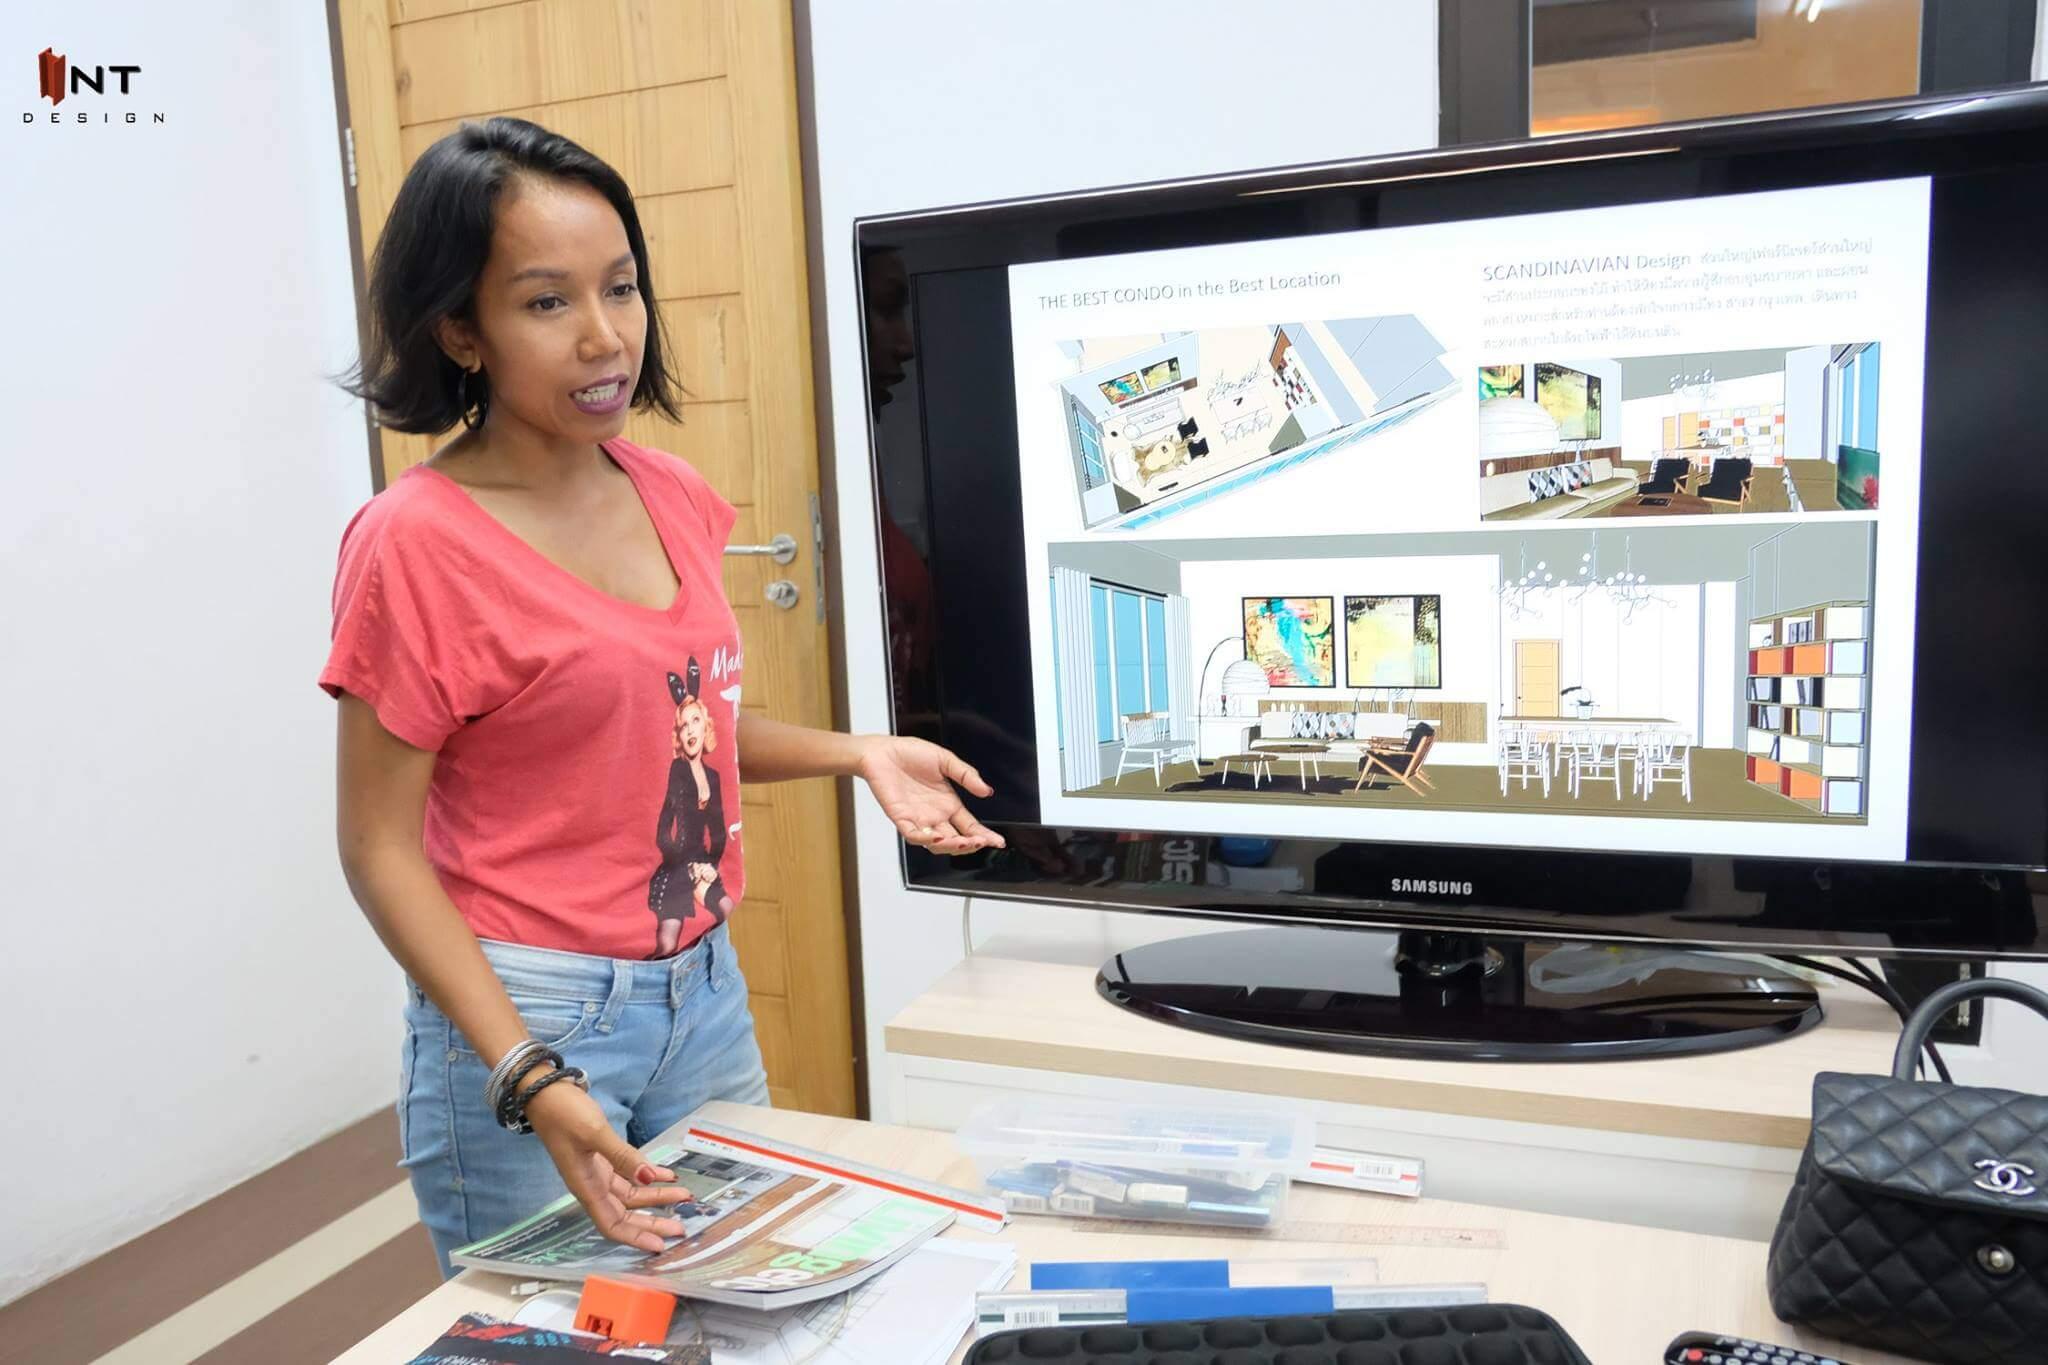 เรียนออกแบบภายในระยะสั้น-เรียน interior design